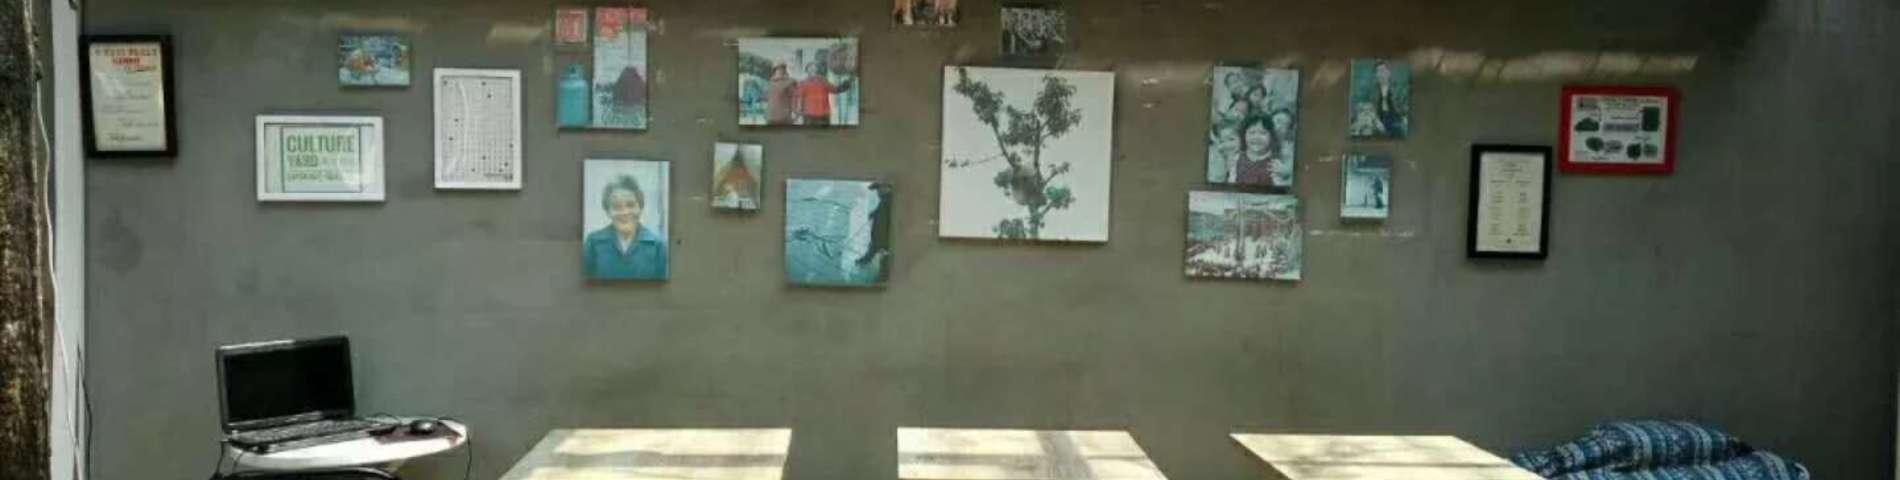 Imagen 1 de la escuela Culture Yard